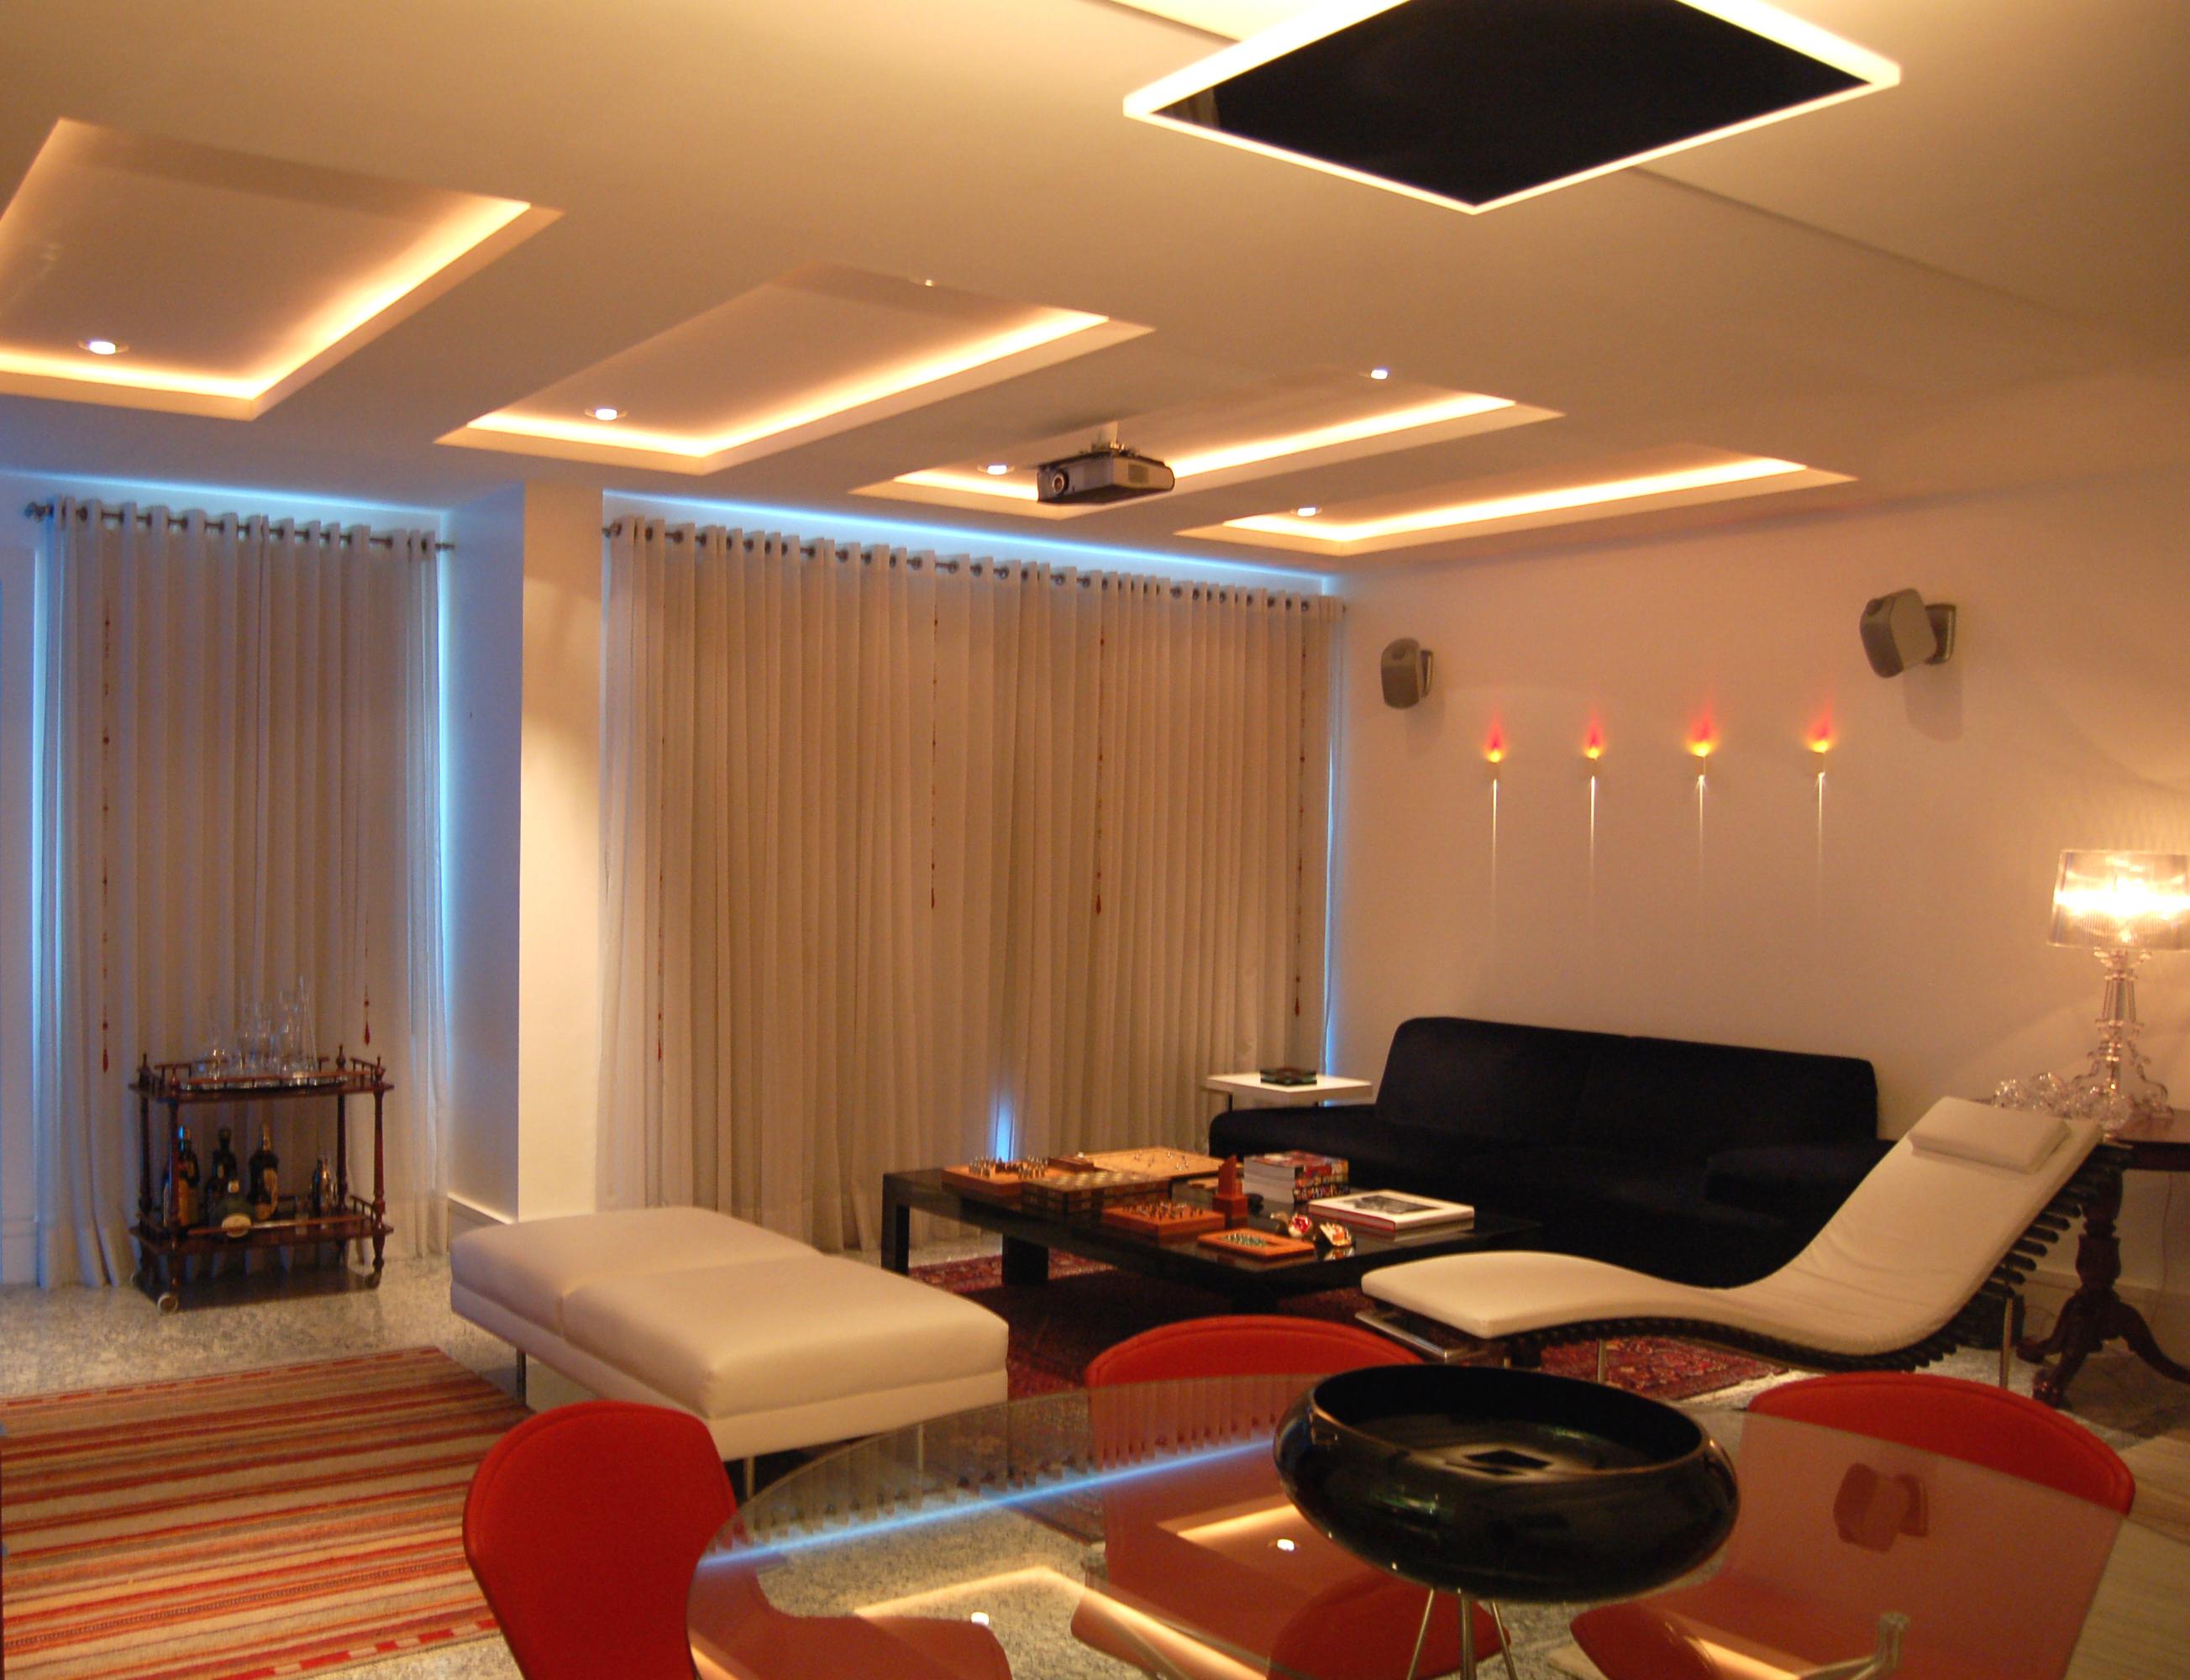 iluminacao interiores 2